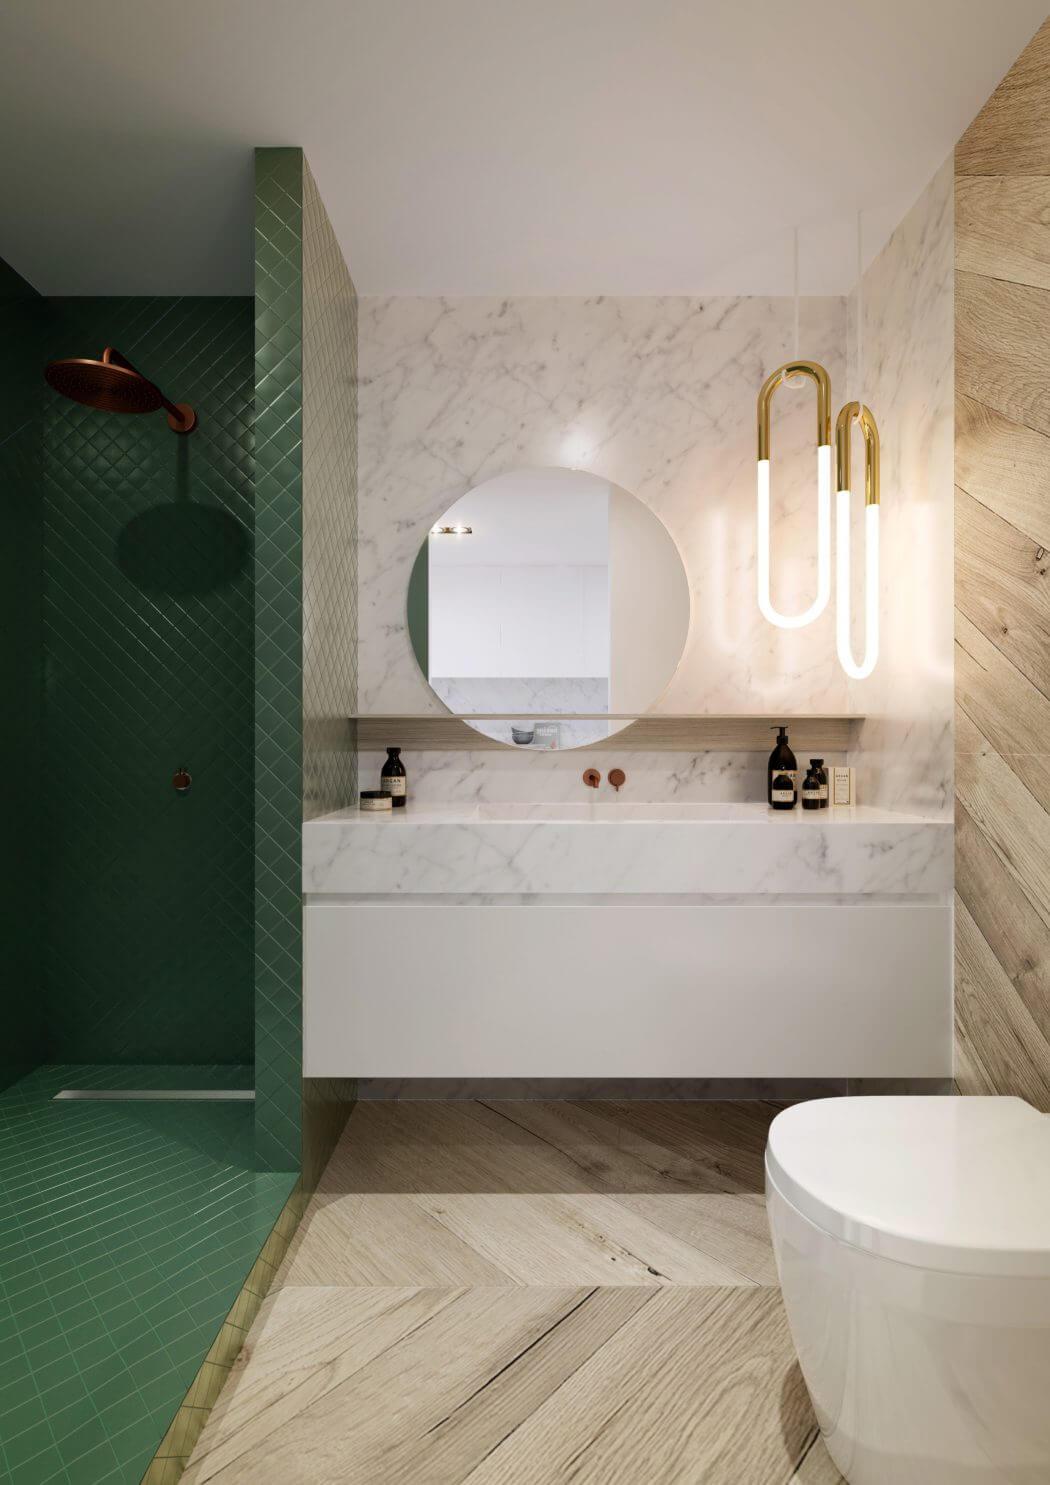 kleine-luxe-badkamer-klein-appartement